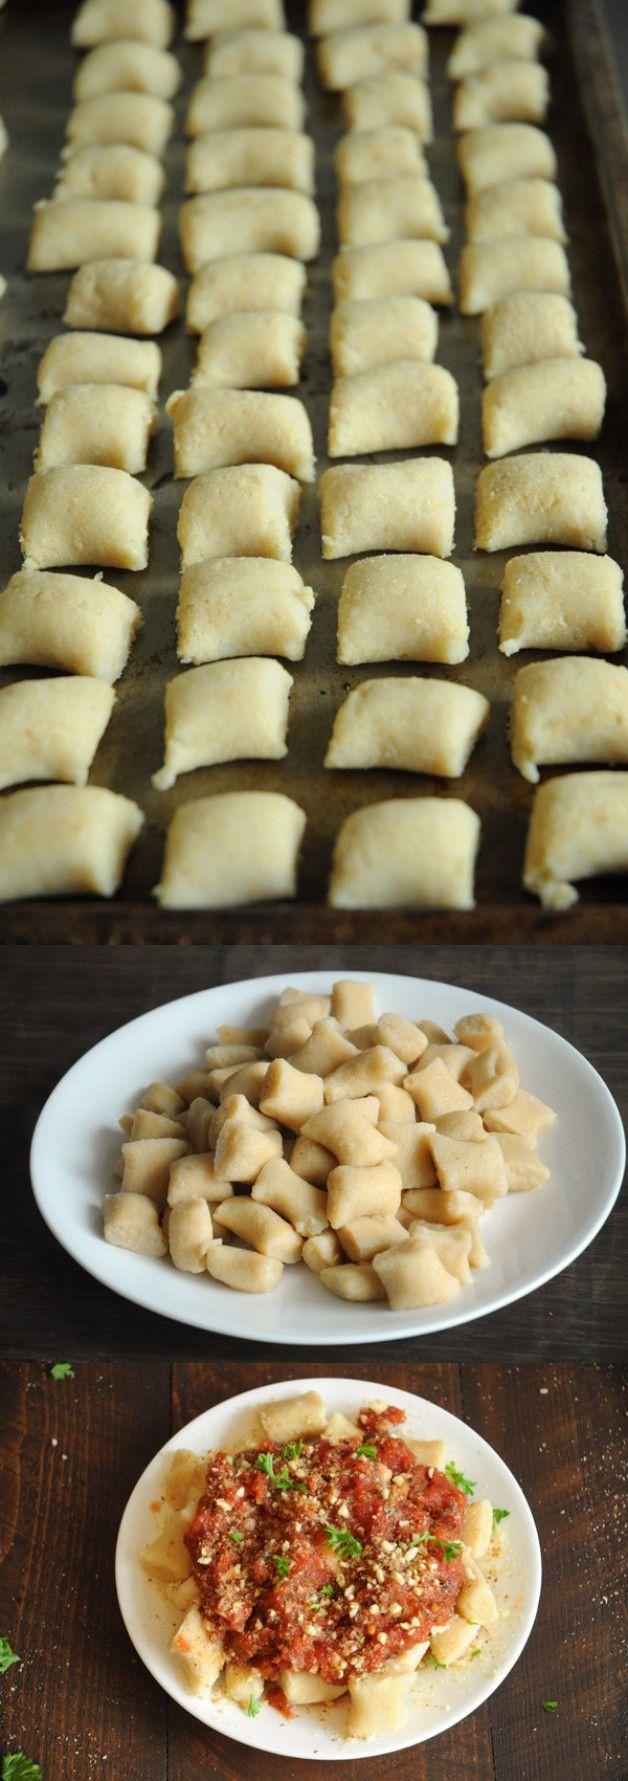 3 Ingredient Vegan Gnocchi   Vegan Recipes from Cassie Howard